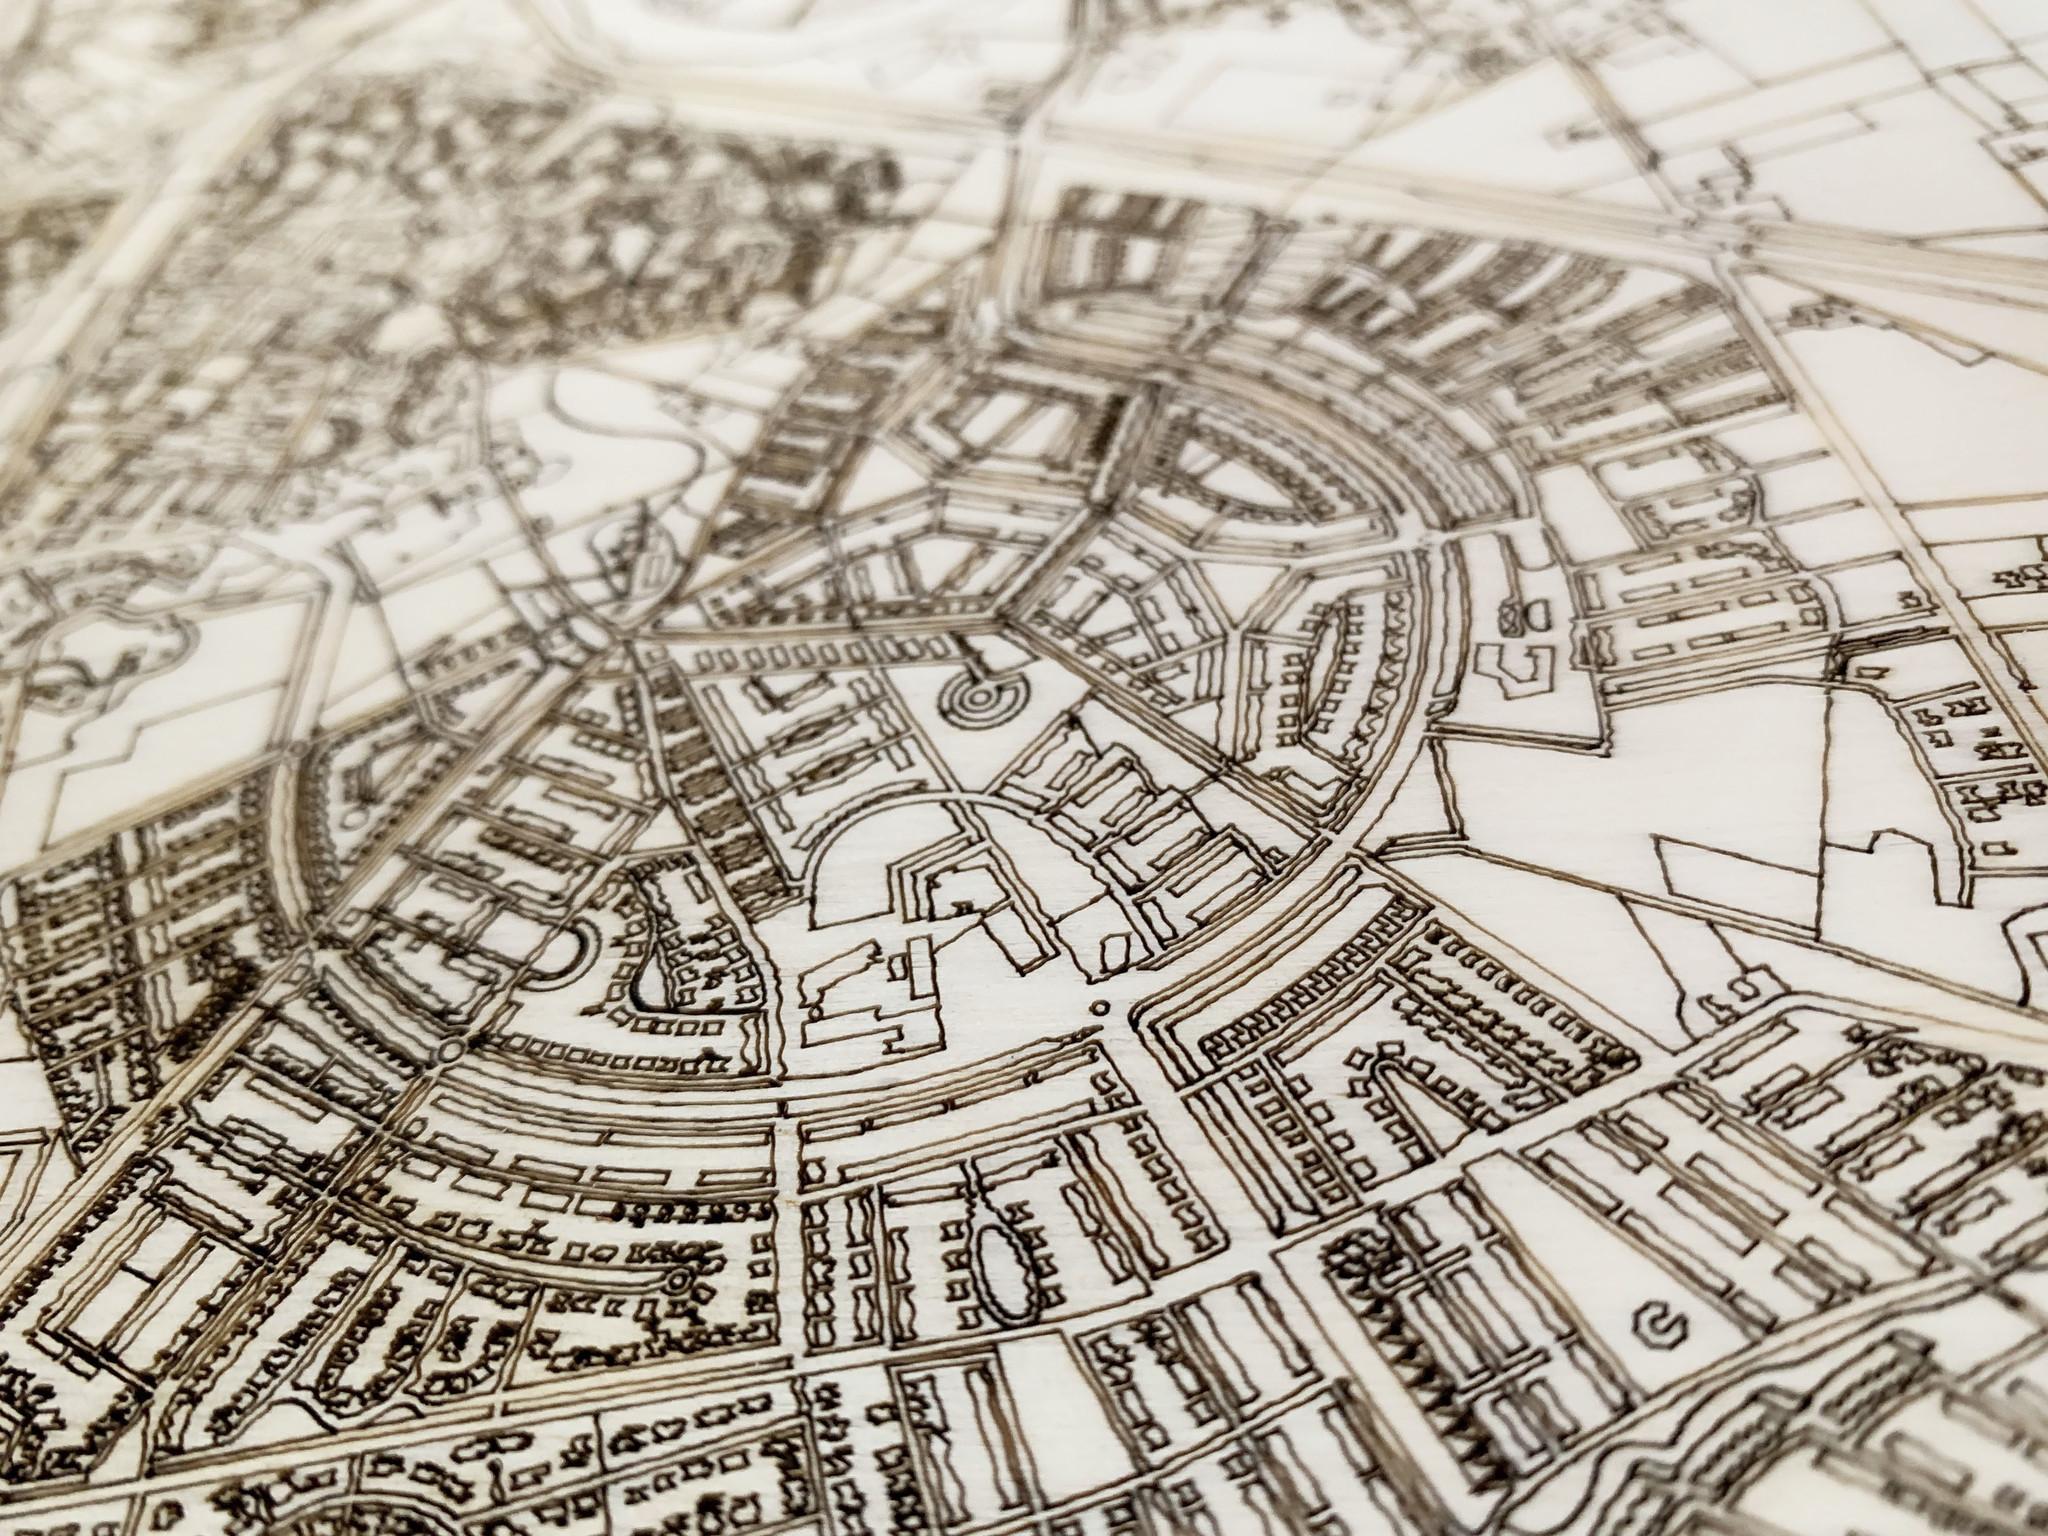 Houten stadsplattegrond München-4